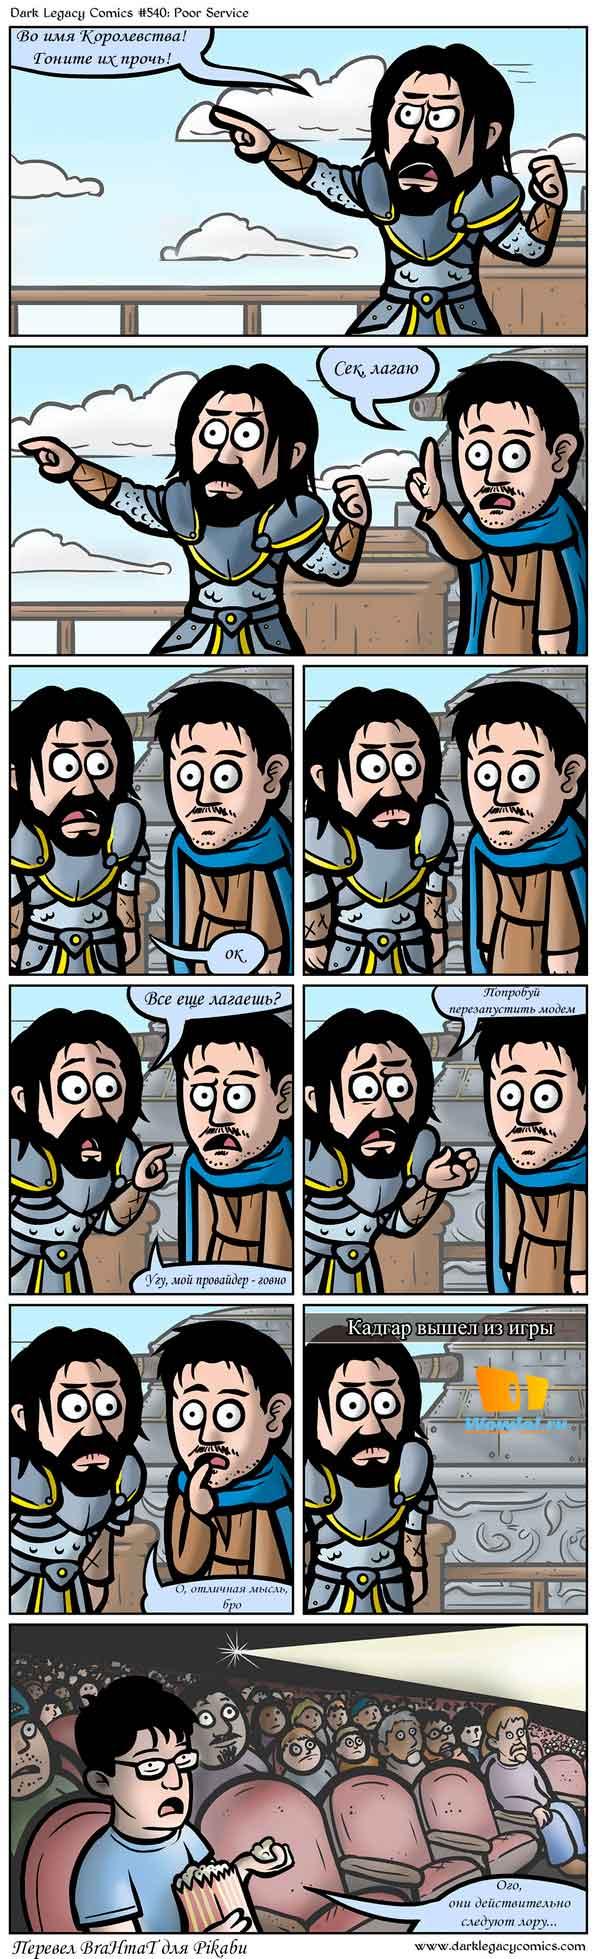 комикс от дарк легаси